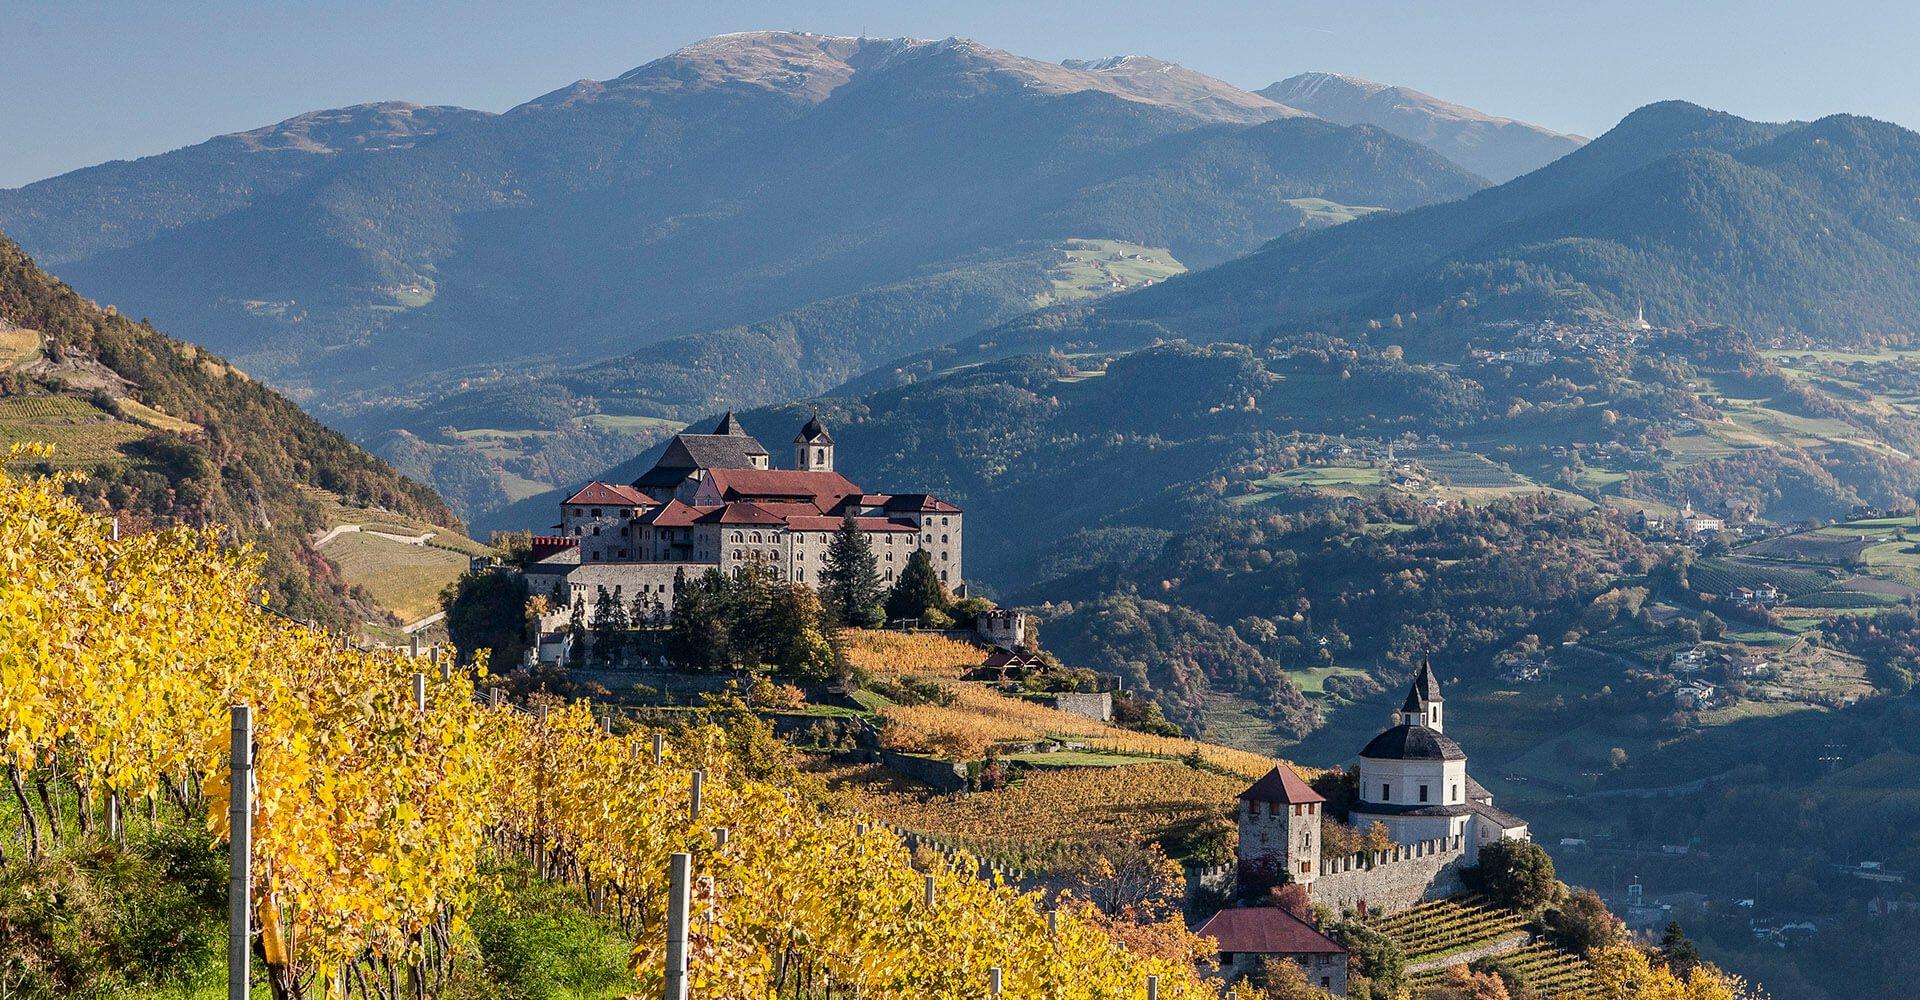 Gasthof Anich - Herbsturlaub in den Dolomiten in Südtirol